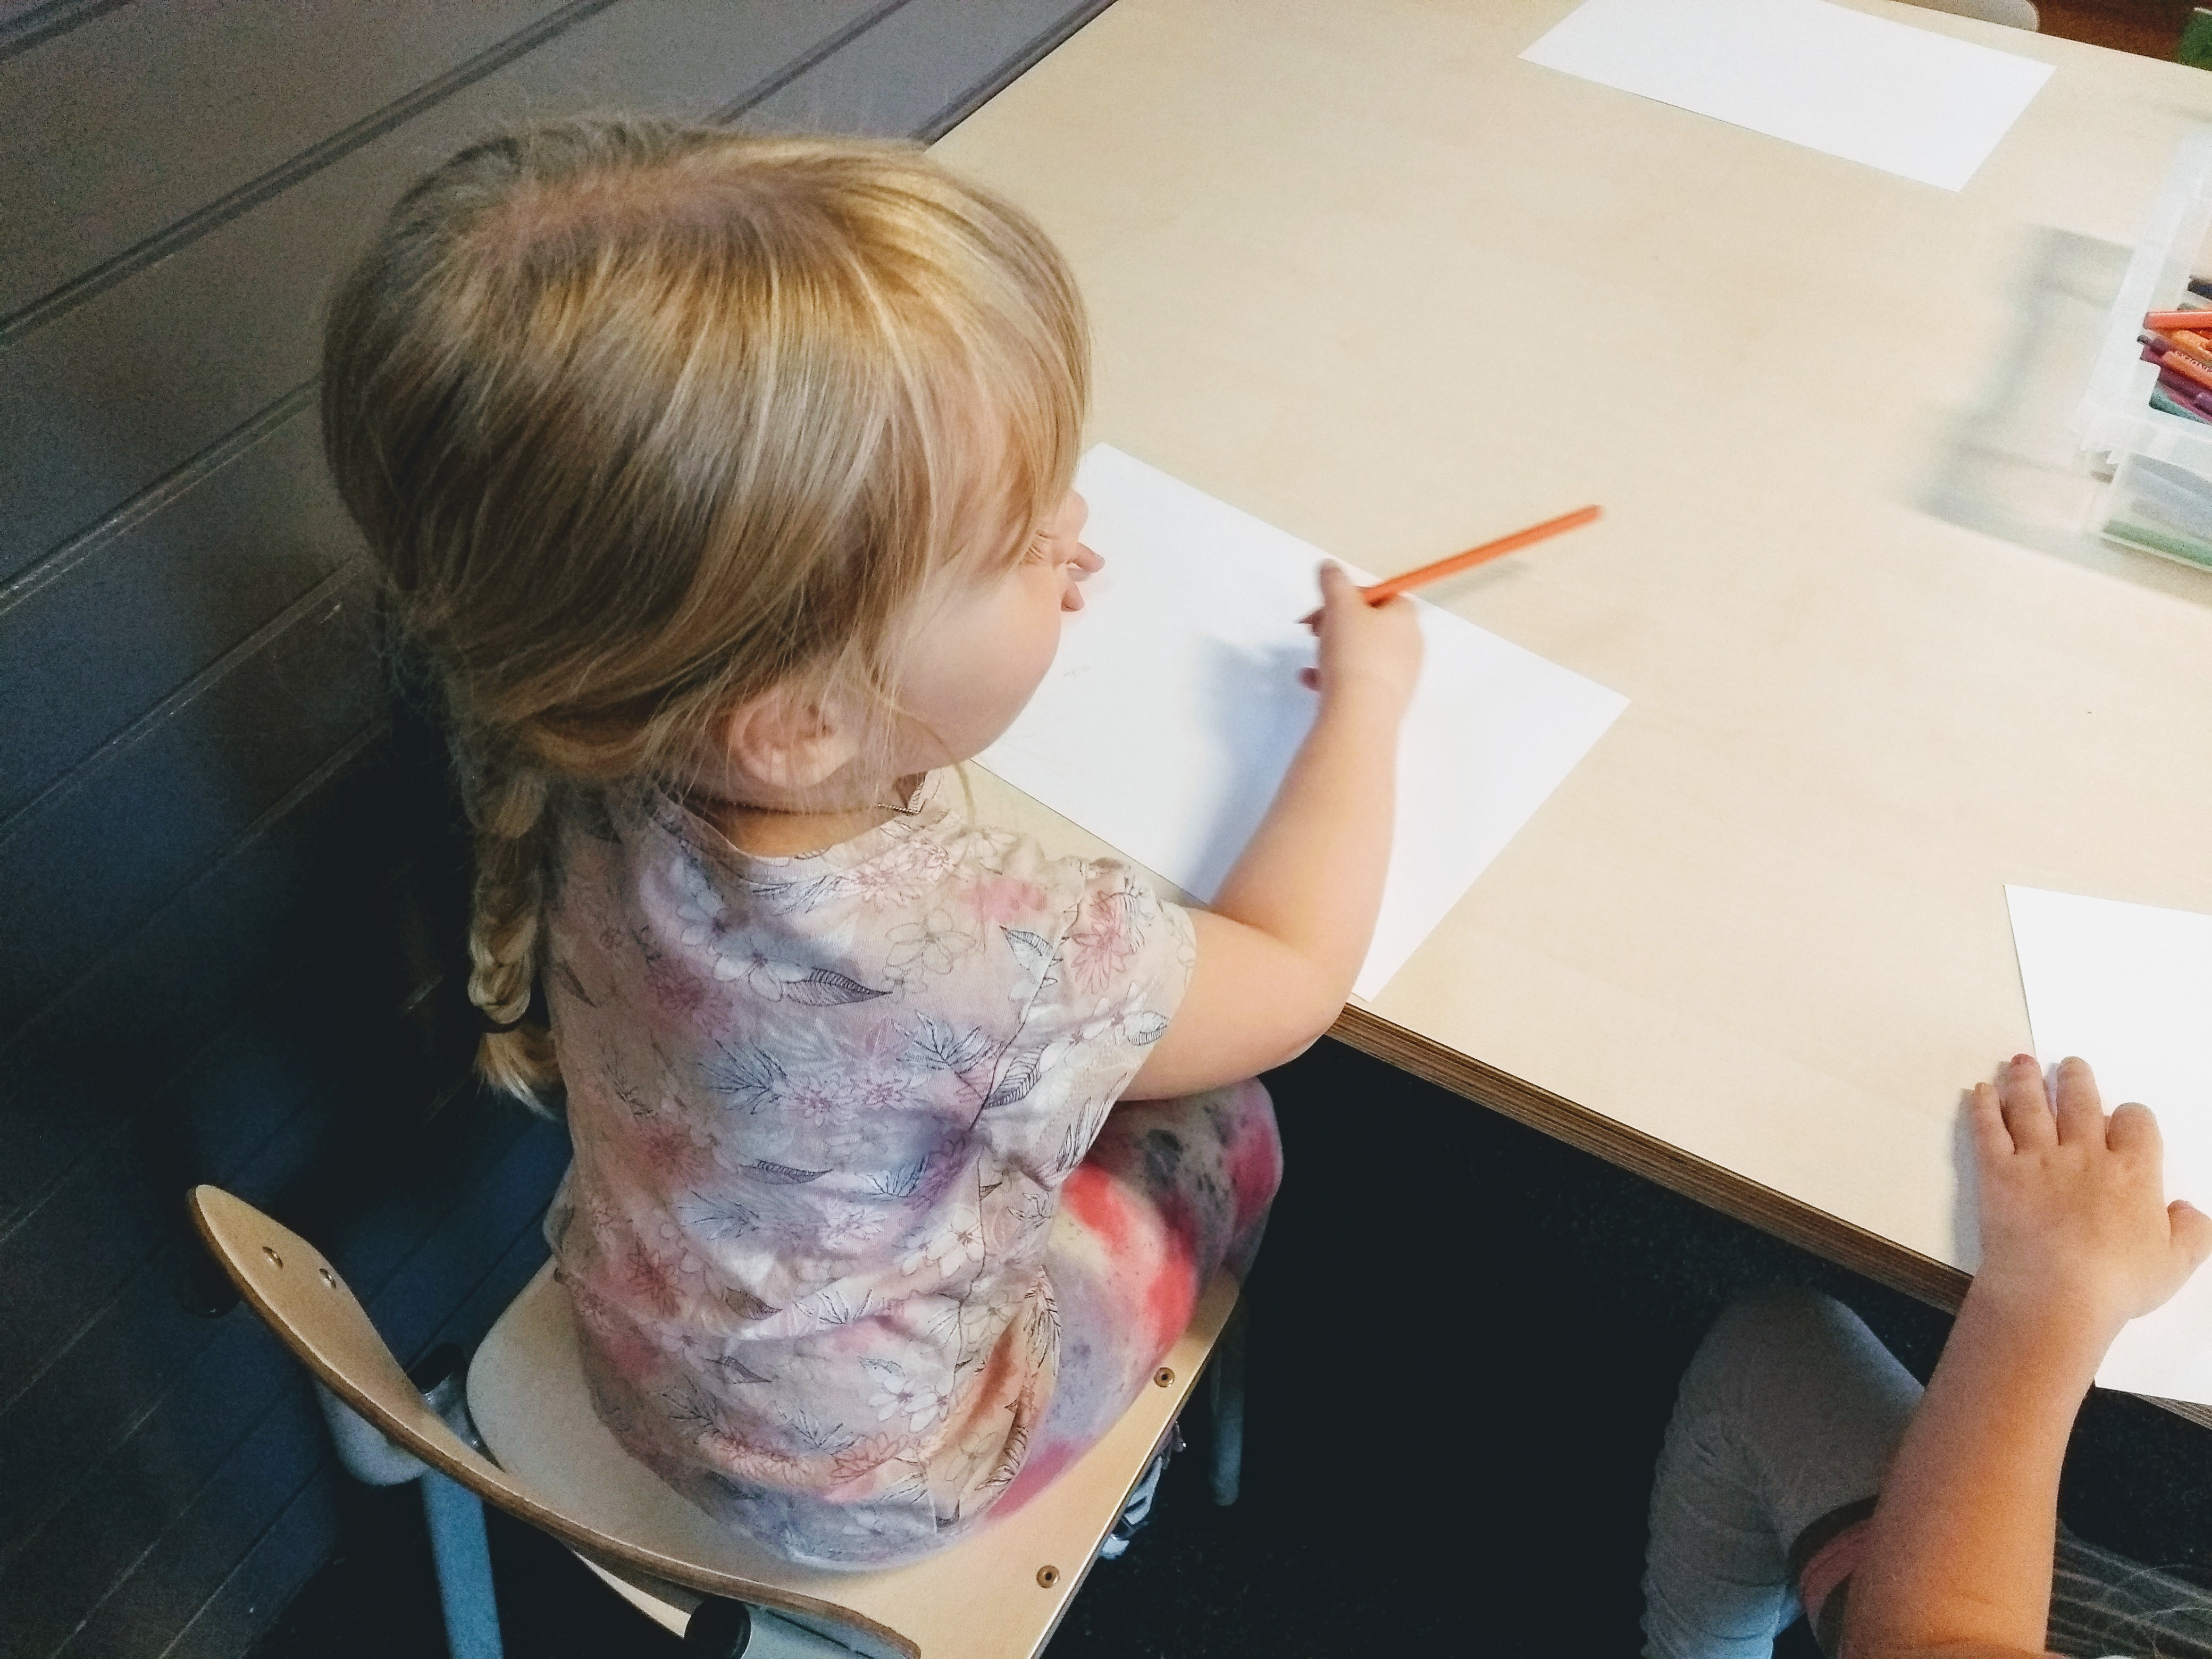 naar school, basisschool, kleuterklas, eerste schoolweek, eerste schooldag, kleuter, kleuters, blog, mamablog, mamablogger, lalog, lalogblog, lalog.nl